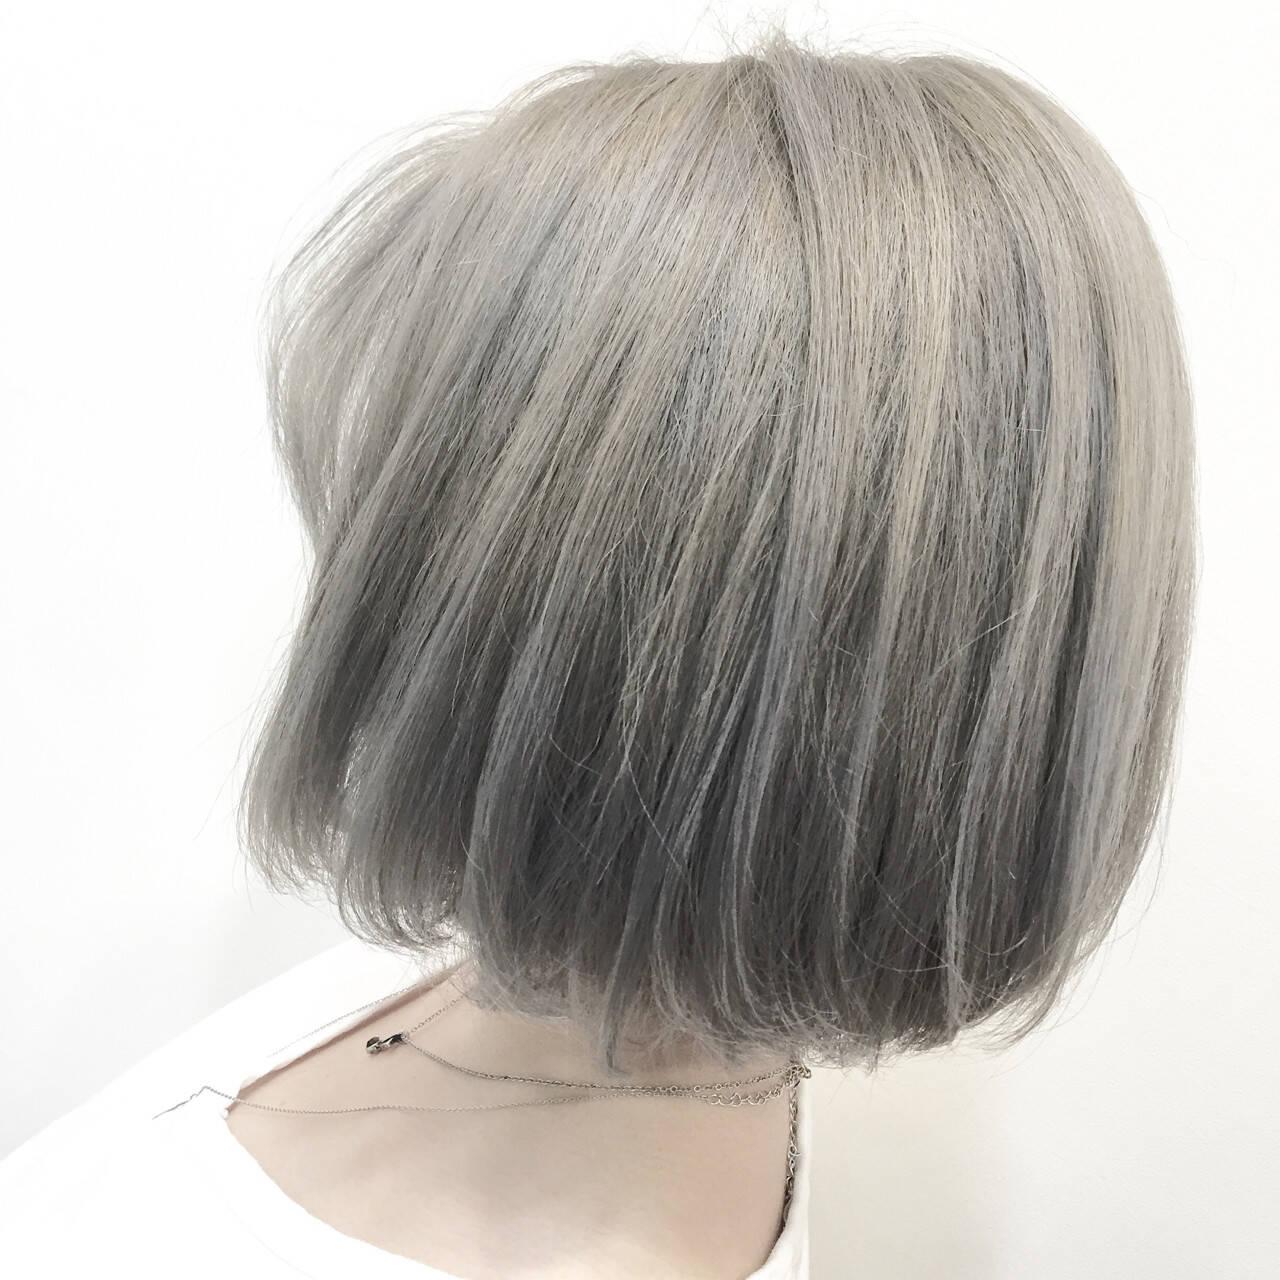 ナチュラル グレージュ ブリーチ シルバーヘアスタイルや髪型の写真・画像